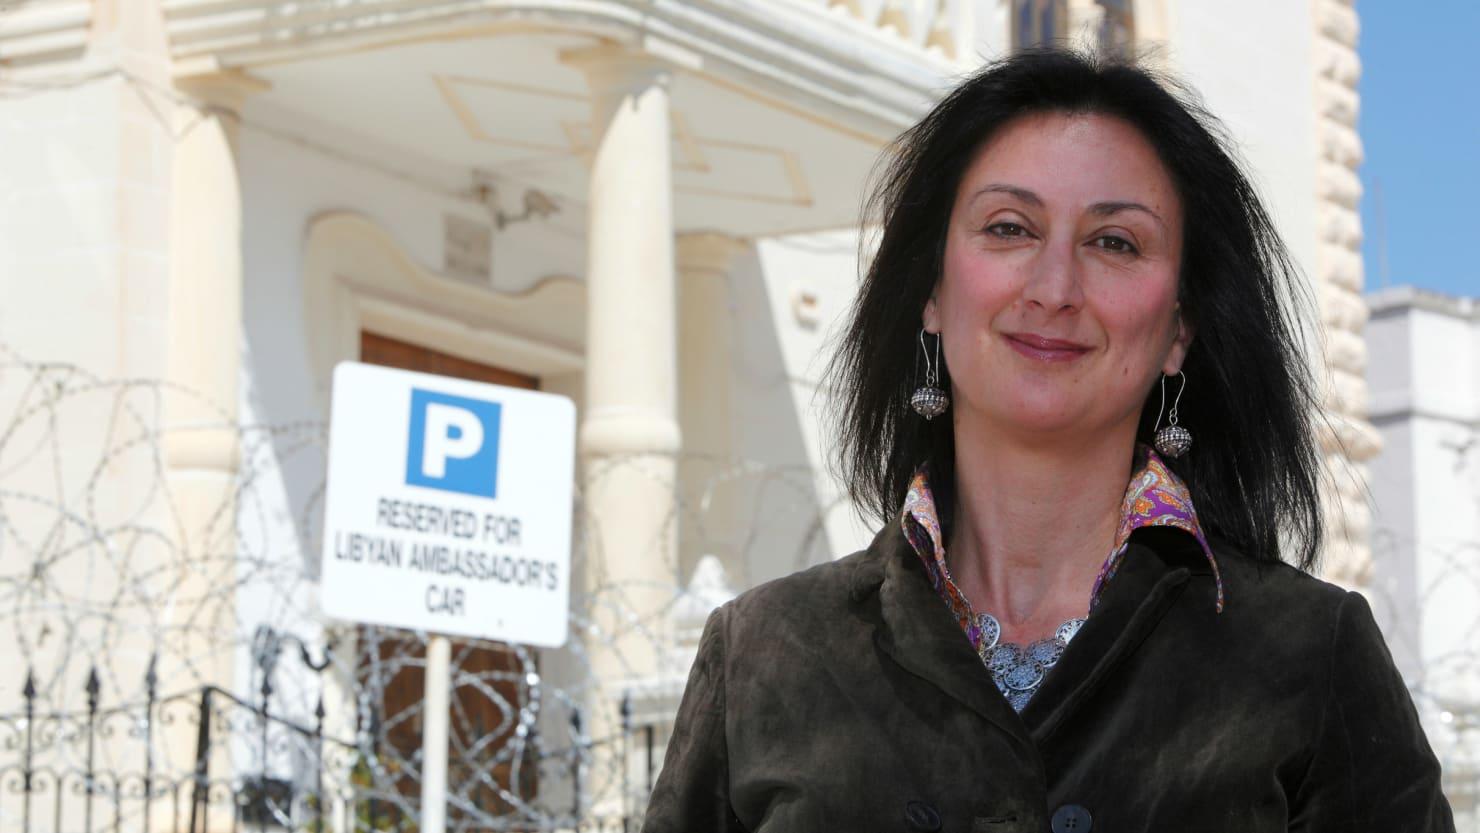 Daphne Caruana Galizia: A Journalist Who Will Continue To